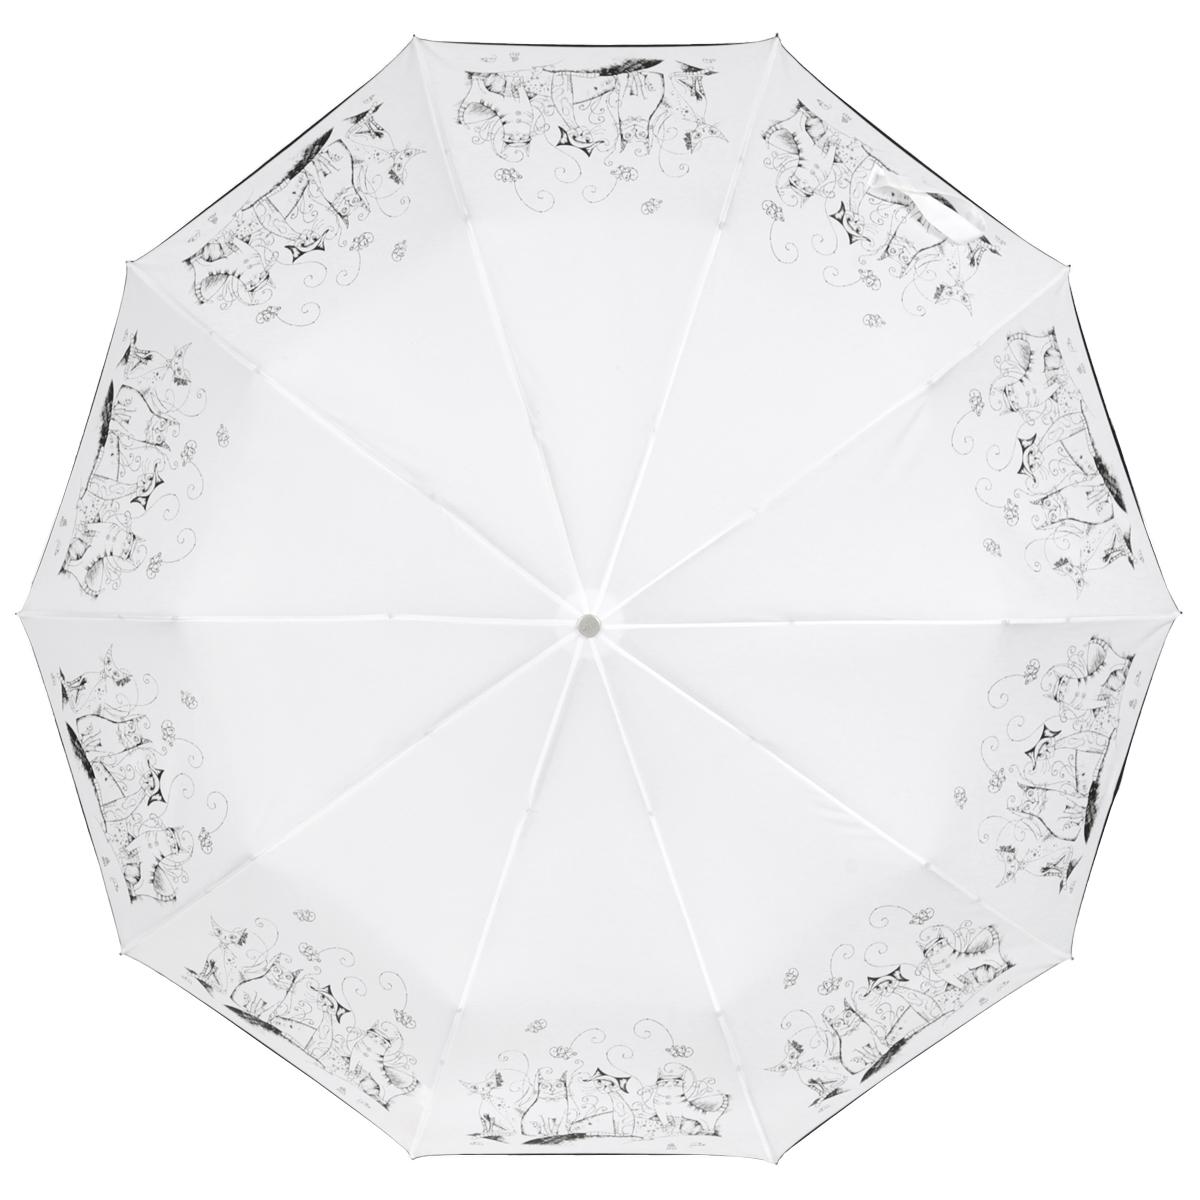 Зонт женский Zest, автомат, 3 сложения, цвет: белый, черный. 23969-005023969-0050Элегантный автоматический зонт Zest в 3 сложения изготовлен из высокопрочных материалов. Каркас зонта состоит из 10 спиц и прочного алюминиевого стержня. Специальная система Windproof защищает его от поломок во время сильных порывов ветра. Купол зонта выполнен из прочного полиэстера с водоотталкивающей пропиткой и оформлен забавным изображением котиков. Рукоятка, разработанная с учетом требований эргономики, выполнена из металла и искусственной кожи. Зонт имеет полный автоматический механизм сложения: купол открывается и закрывается нажатием кнопки на рукоятке, стержень складывается вручную до характерного щелчка. Благодаря этому открыть и закрыть зонт можно одной рукой, что чрезвычайно удобно при входе в транспорт или помещение. Небольшой шнурок, расположенный на рукоятке, позволяет надеть изделие на руку при необходимости. Модель закрывается при помощи хлястика на застежку-липучку. К зонту прилагается чехол, который оснащен двумя удобными ручками. Прелестный зонт...